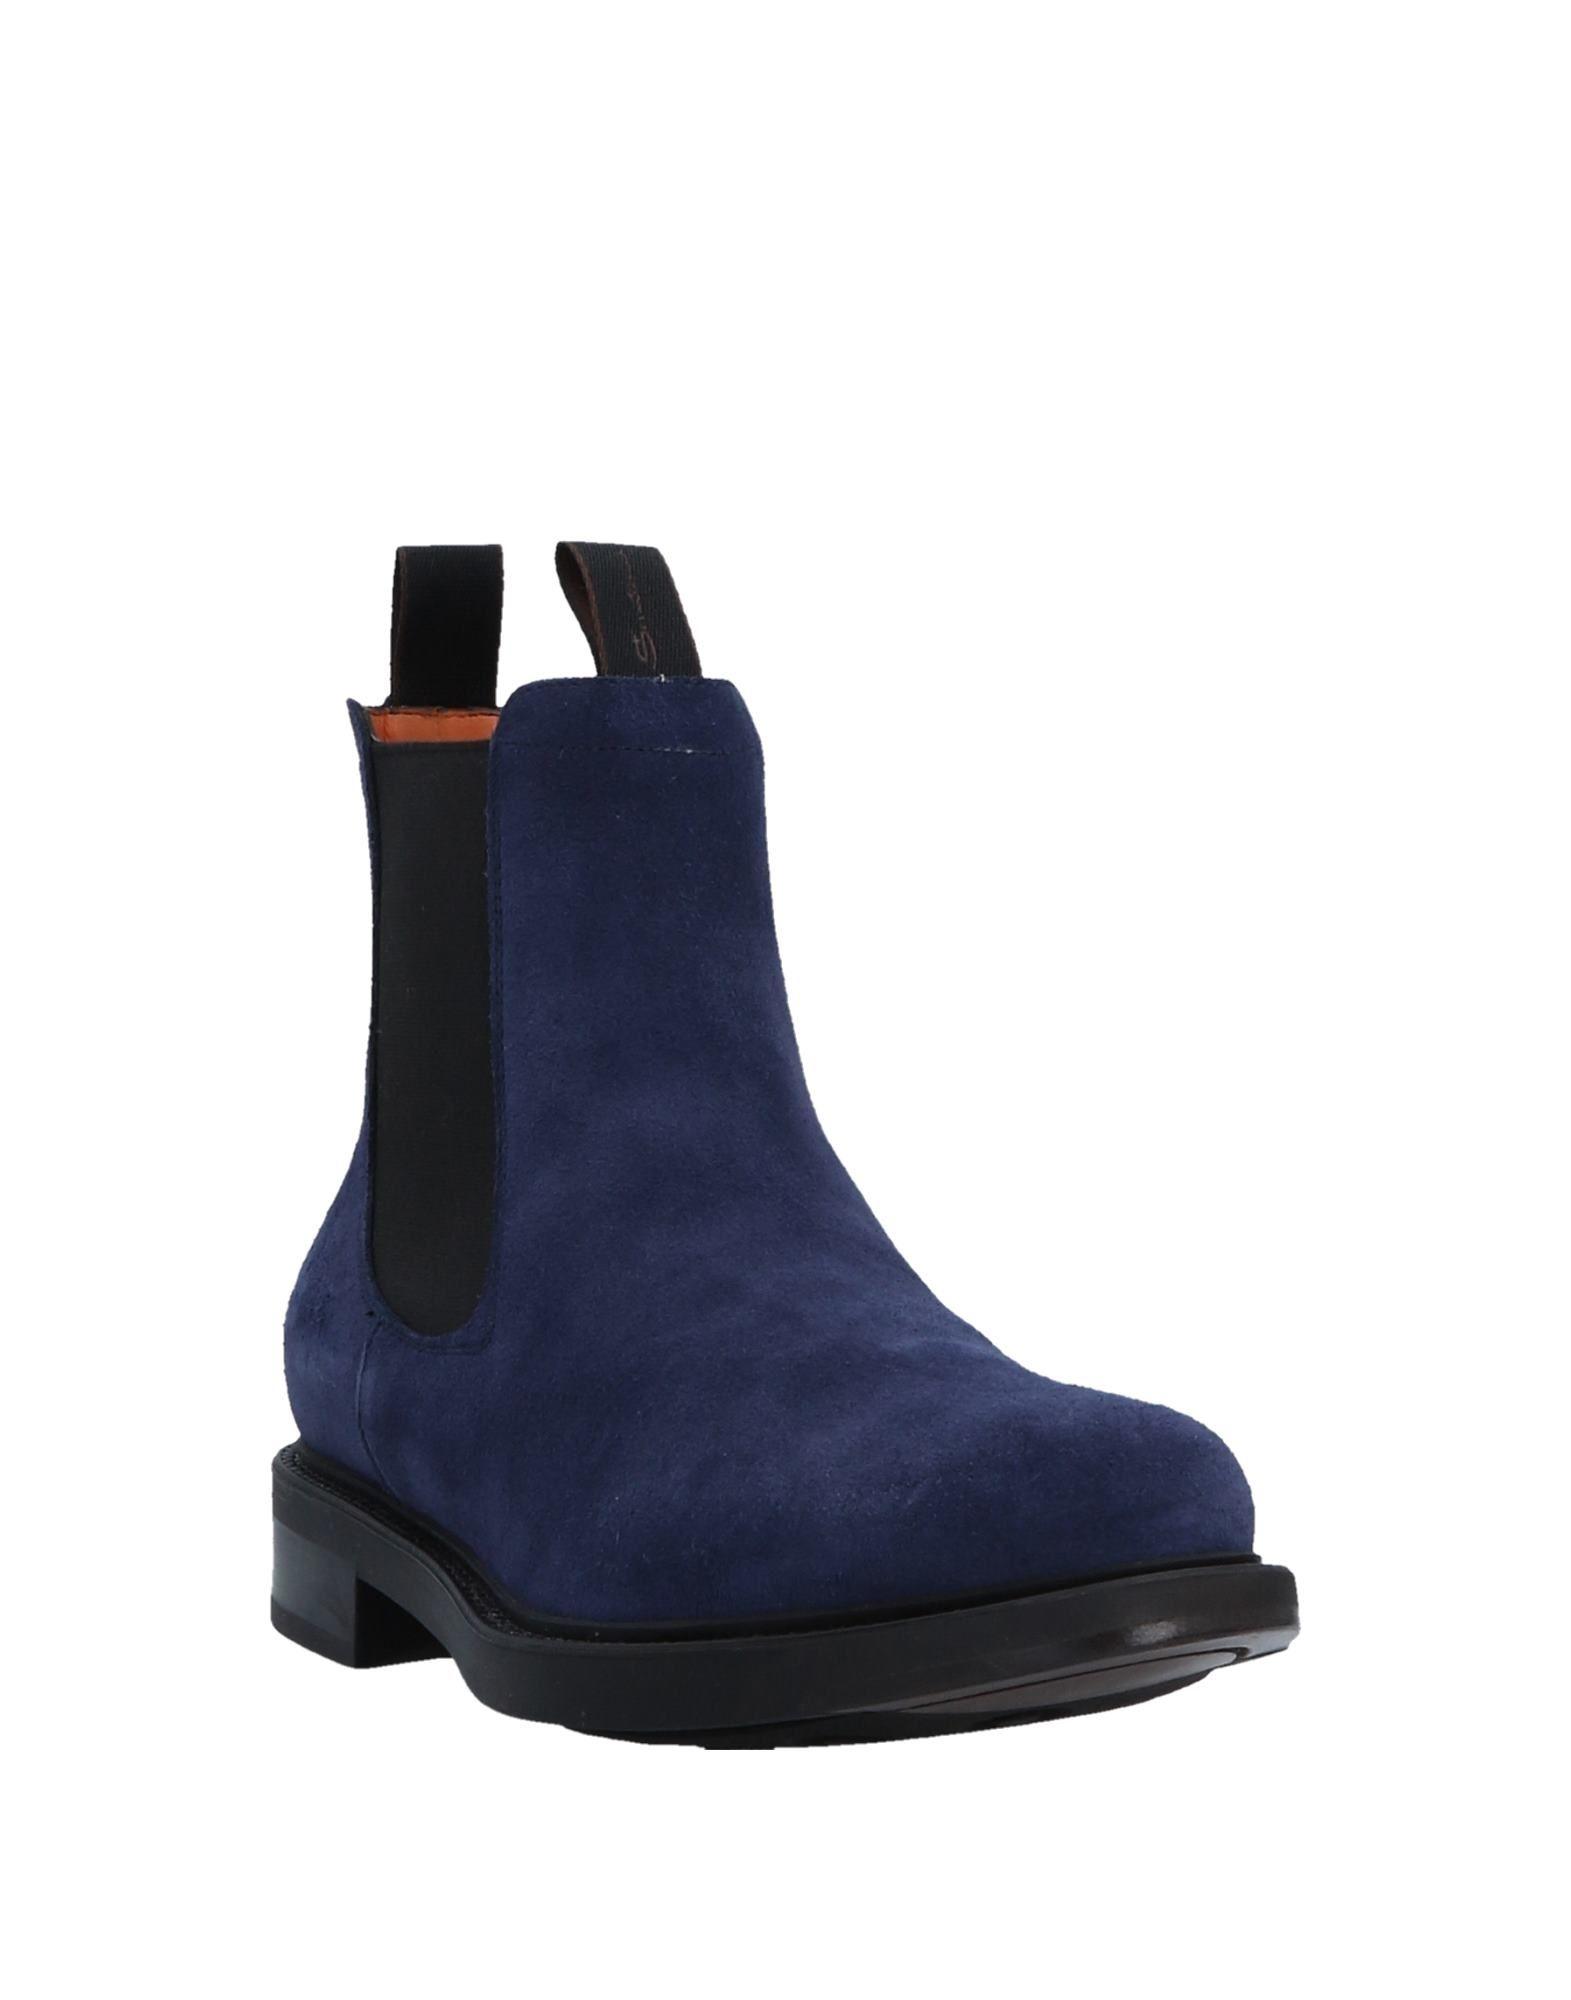 Santoni Boots Boots Boots - Men Santoni Boots online on  United Kingdom - 11304762HU 5b4012